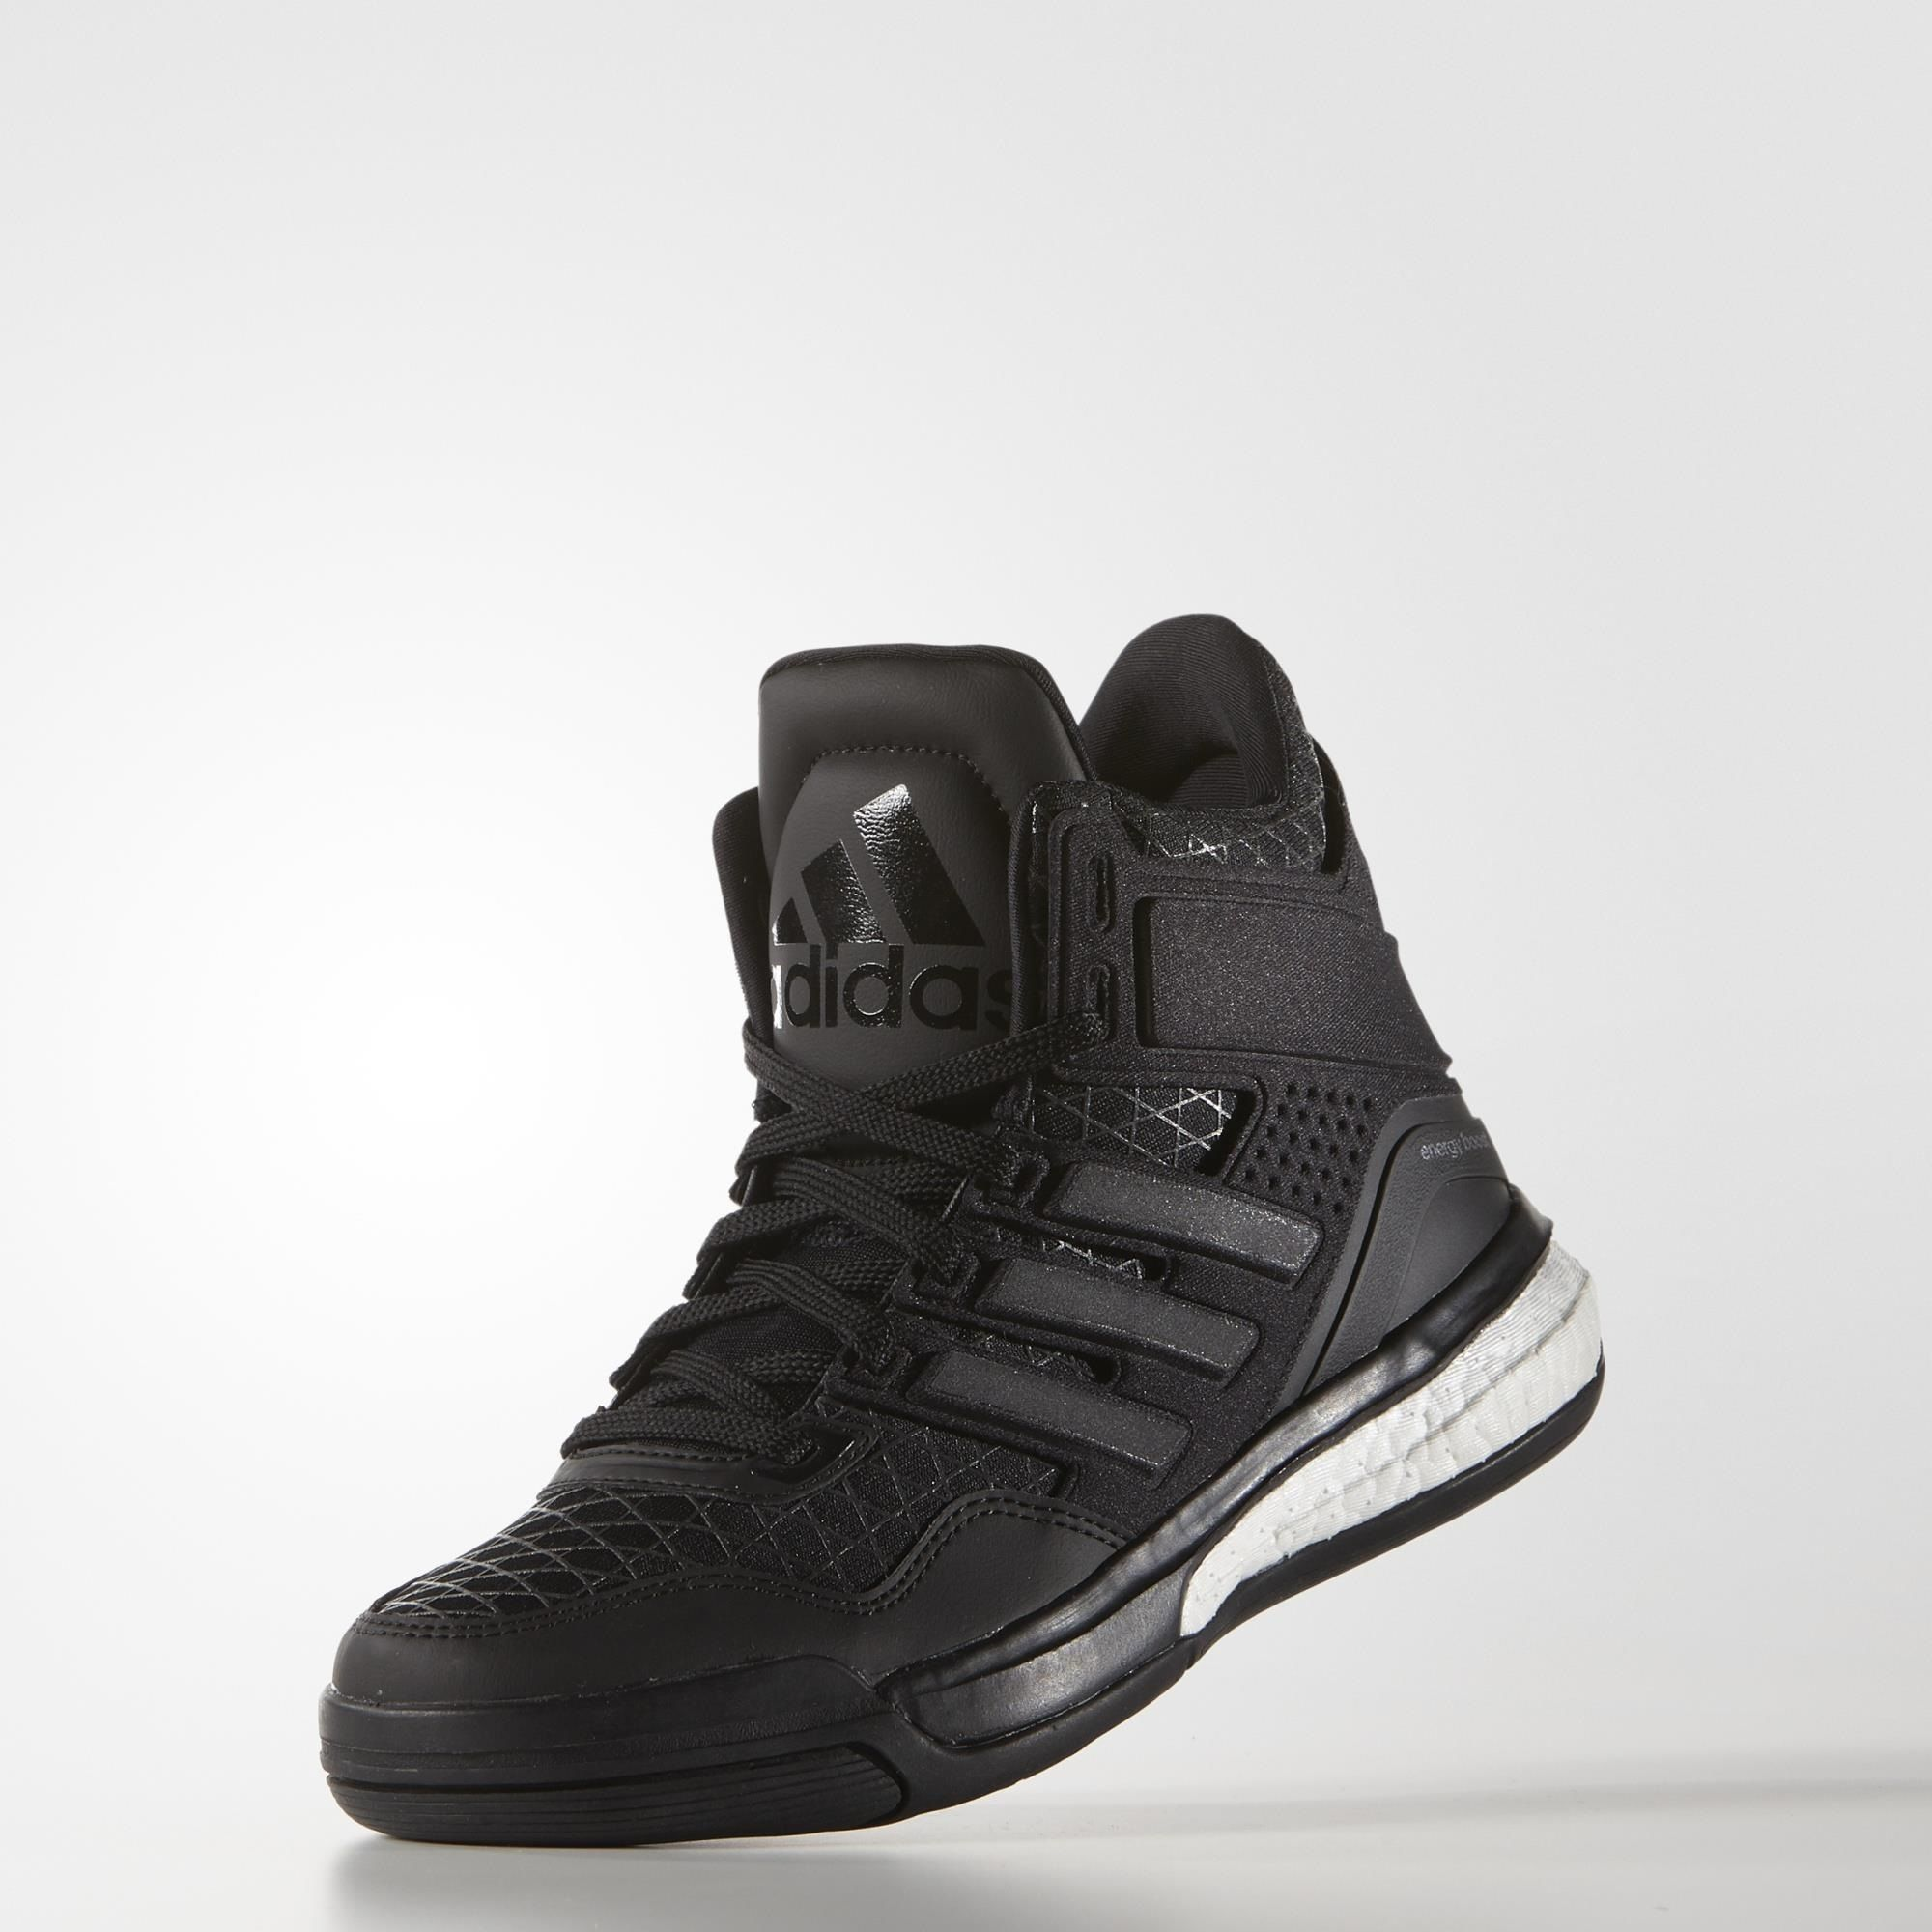 ab0609b6 adidas Zapatos de Entrenamiento Vibe Energy Boost Mujer - Black | adidas  Mexico